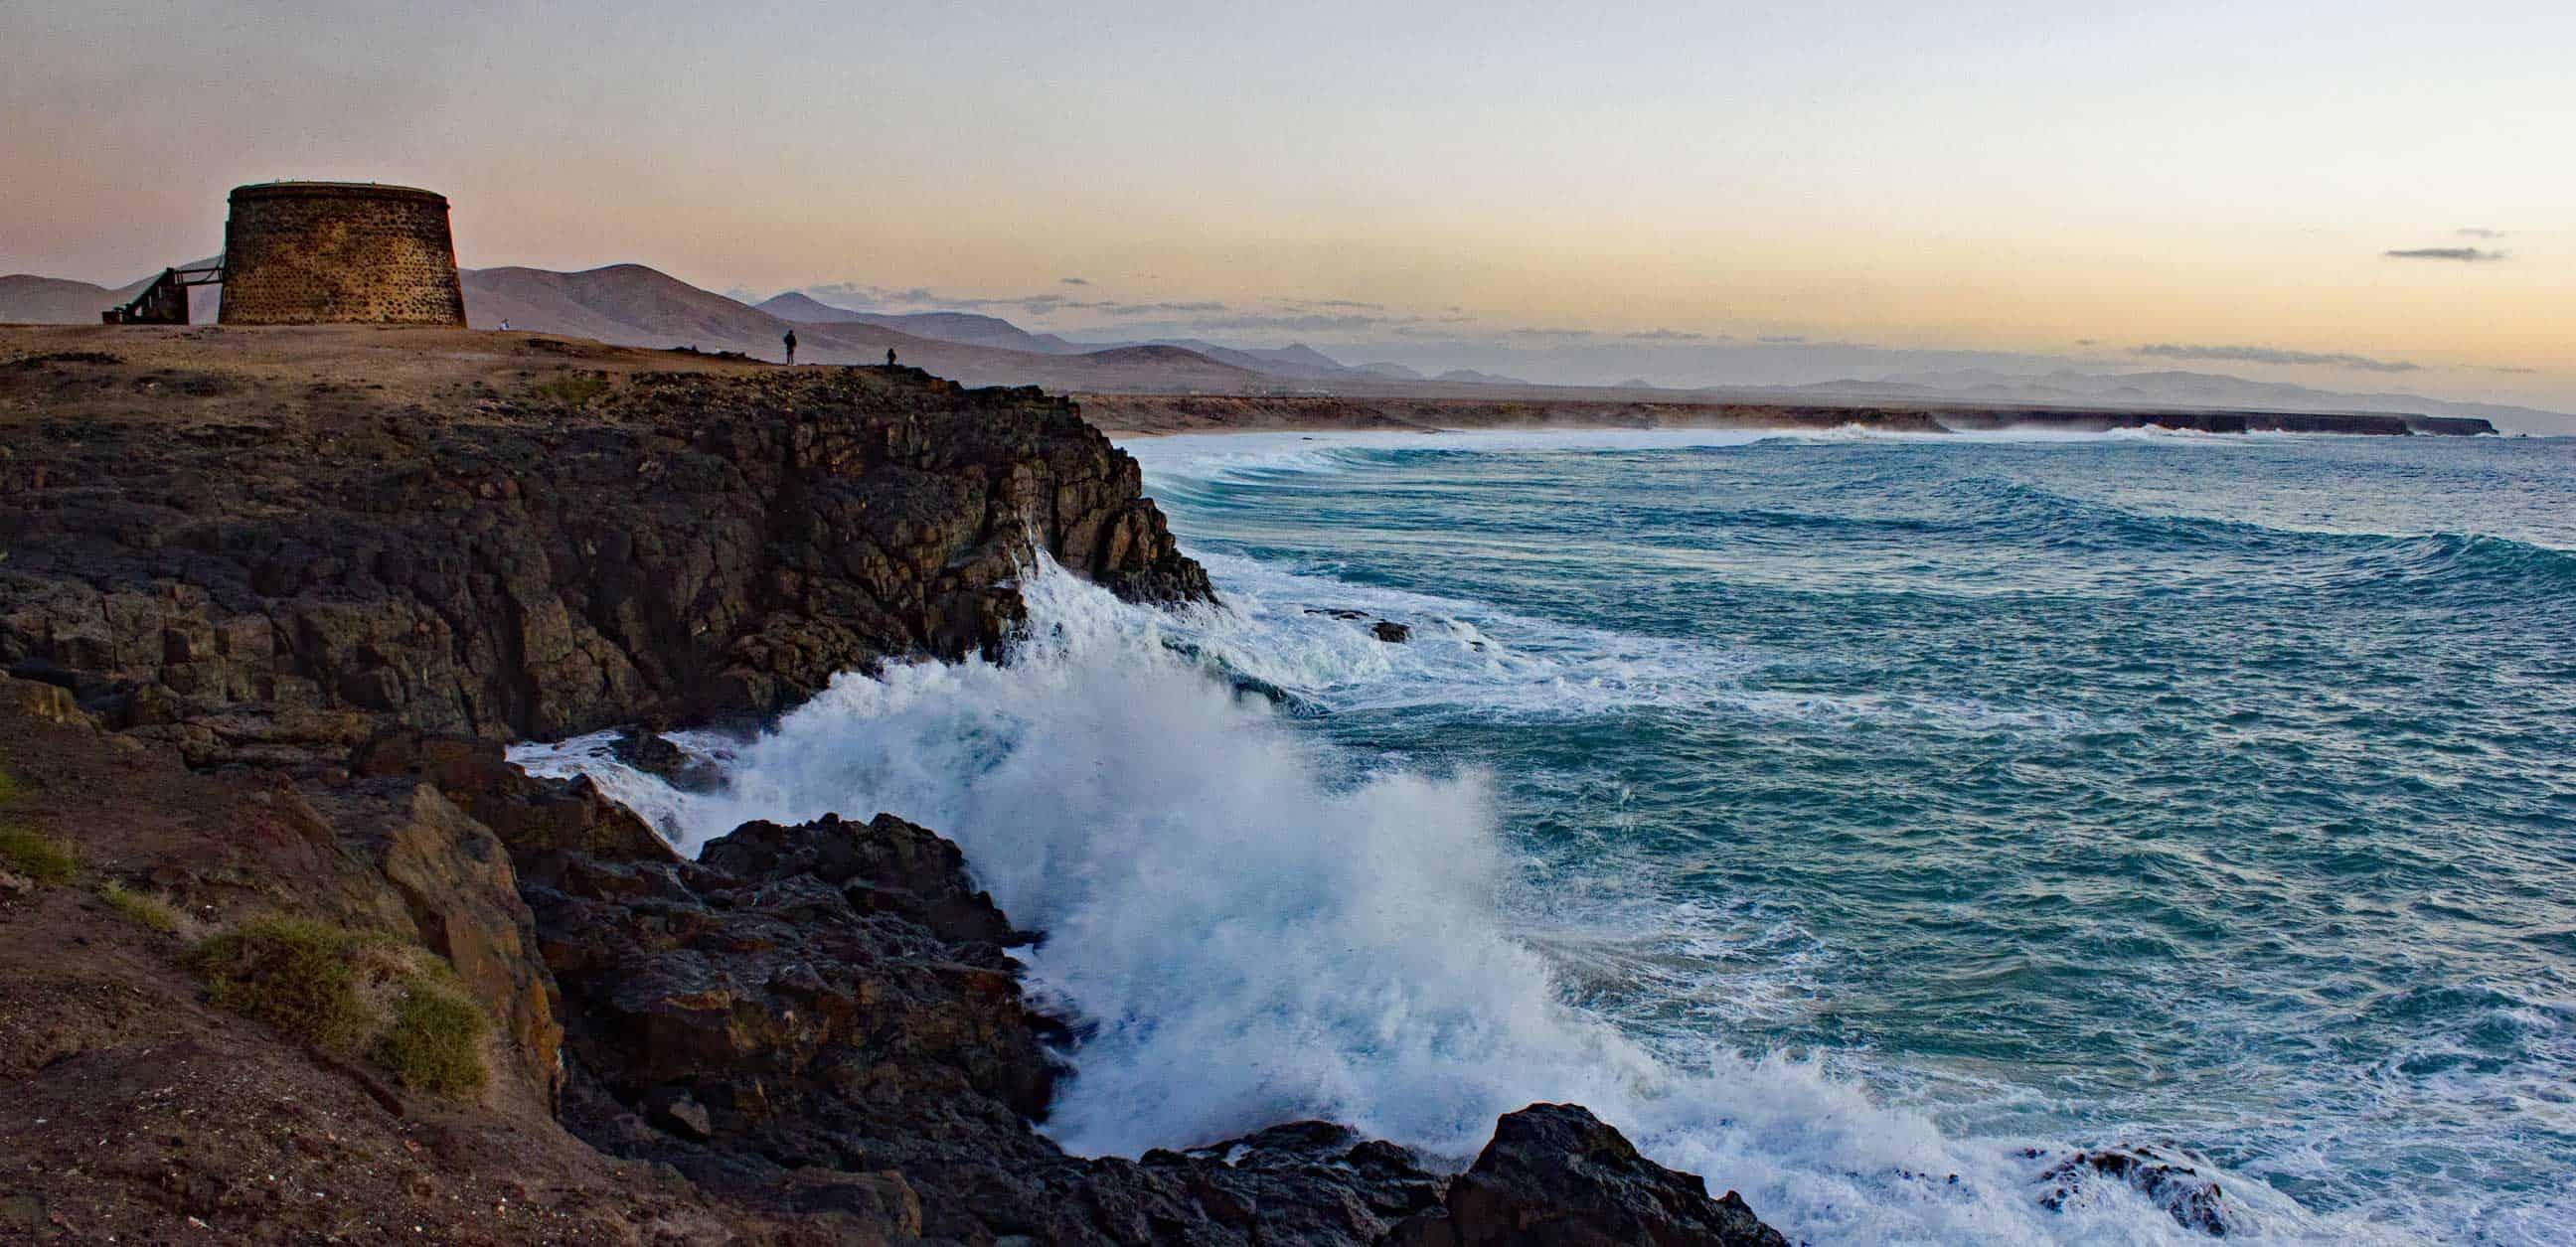 West coast of Fuerteventura